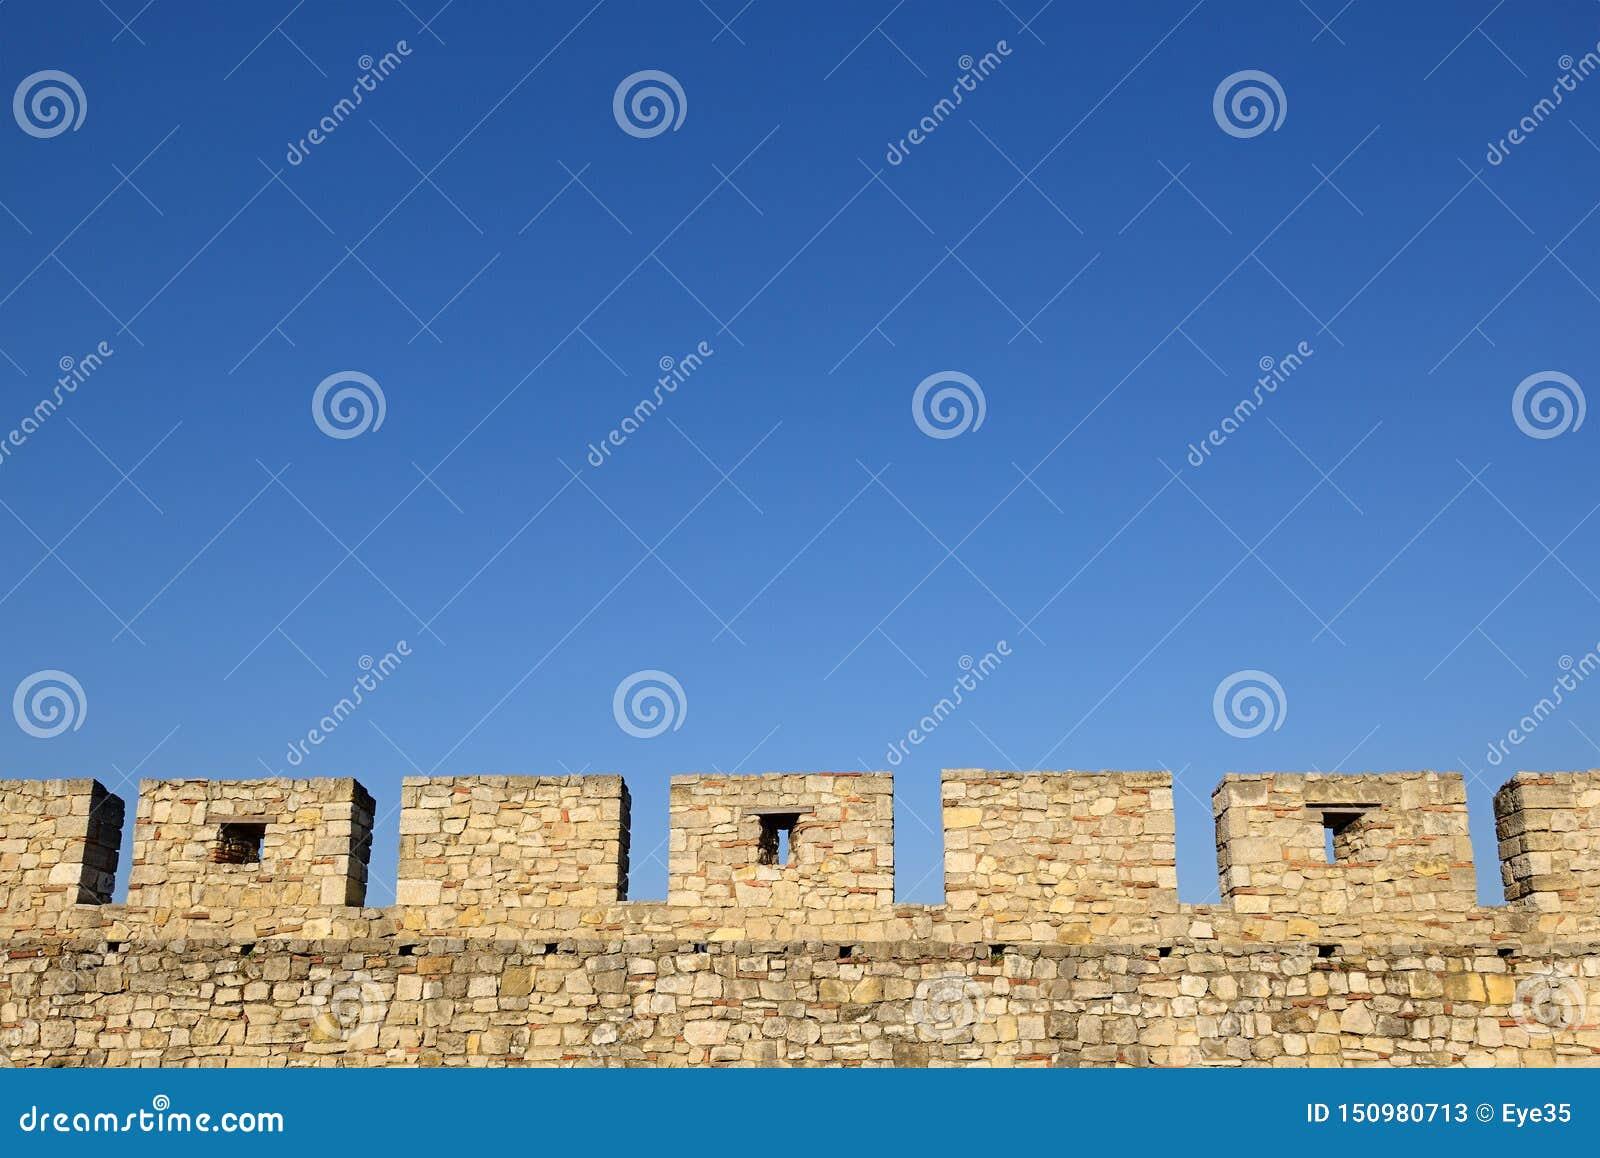 Castle Wall Battlements